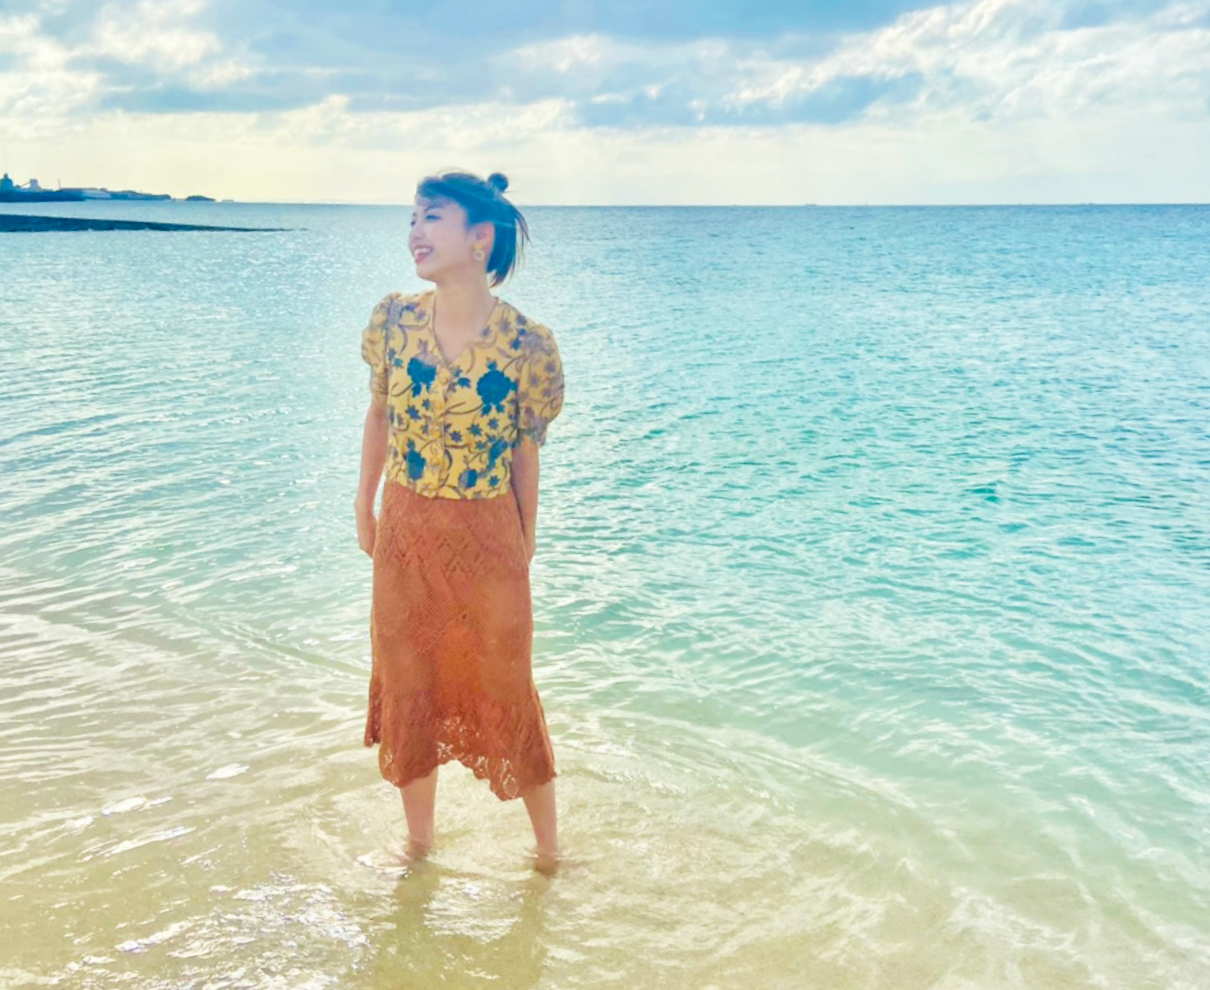 日帰りの沖縄ロケは短い時間だったけど、大好きな海にご当地グルメと最高でした!